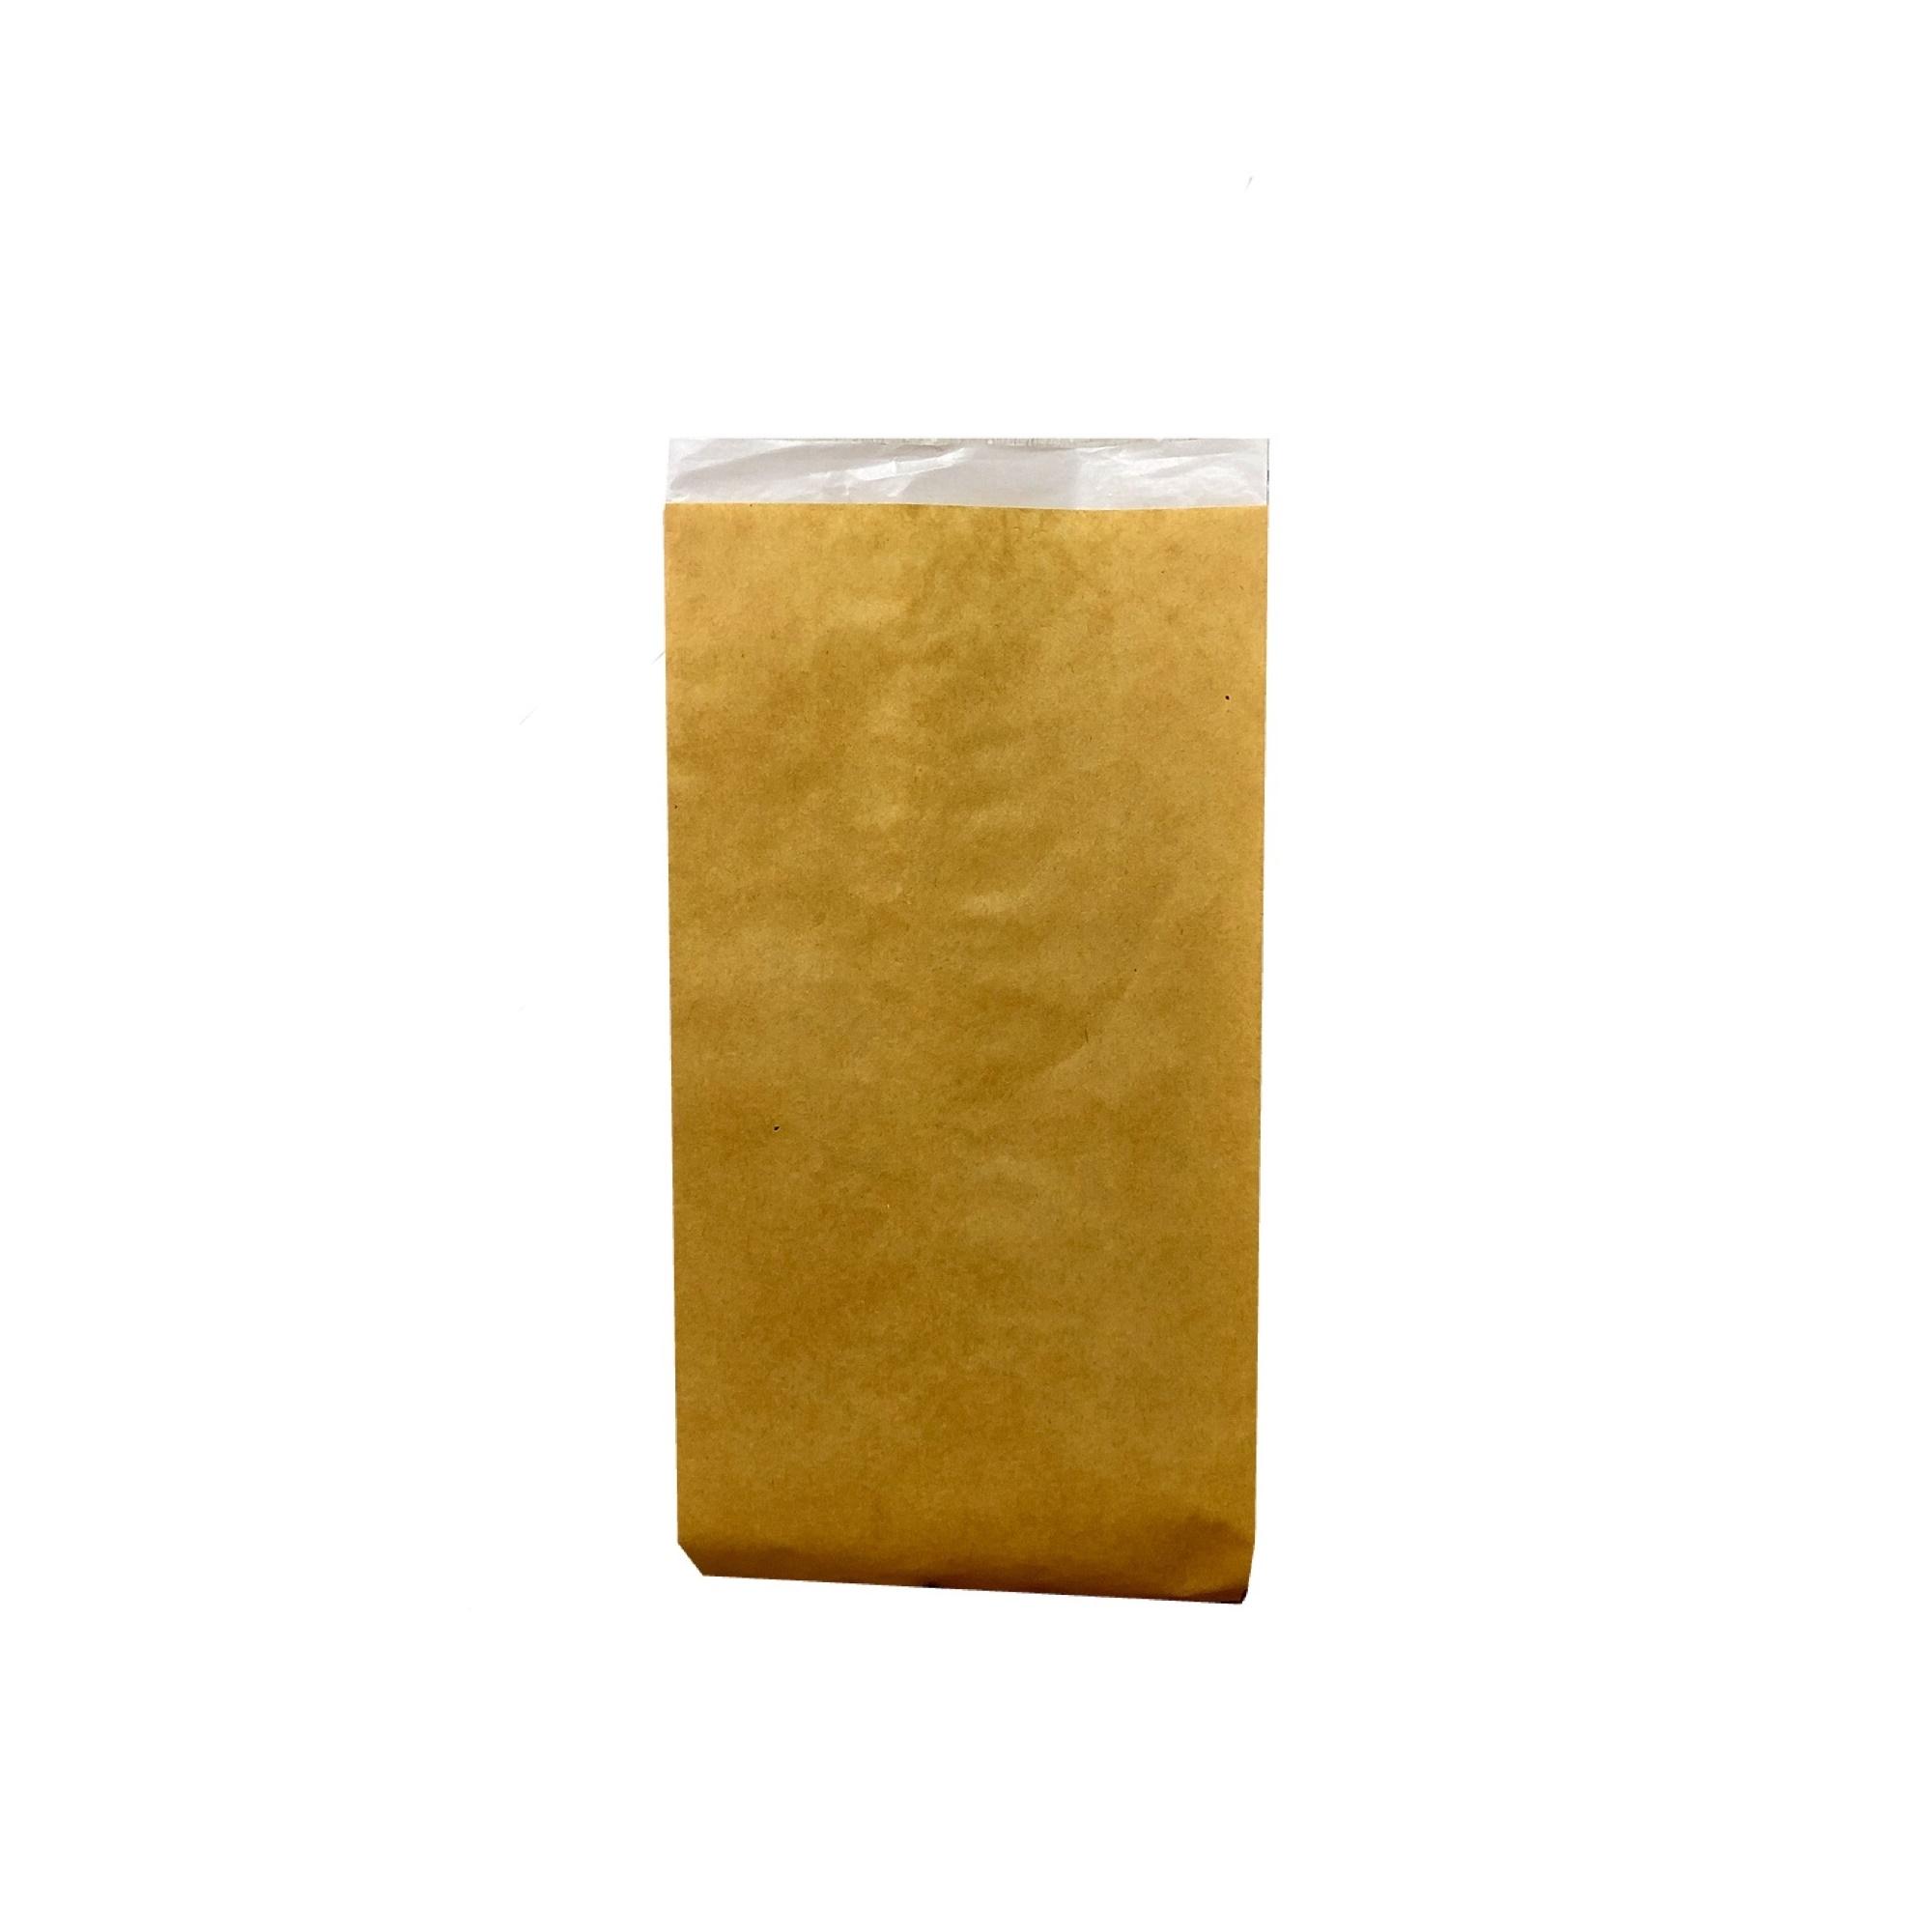 پاکت یکبار مصرف کد B09 بسته 100 عددی